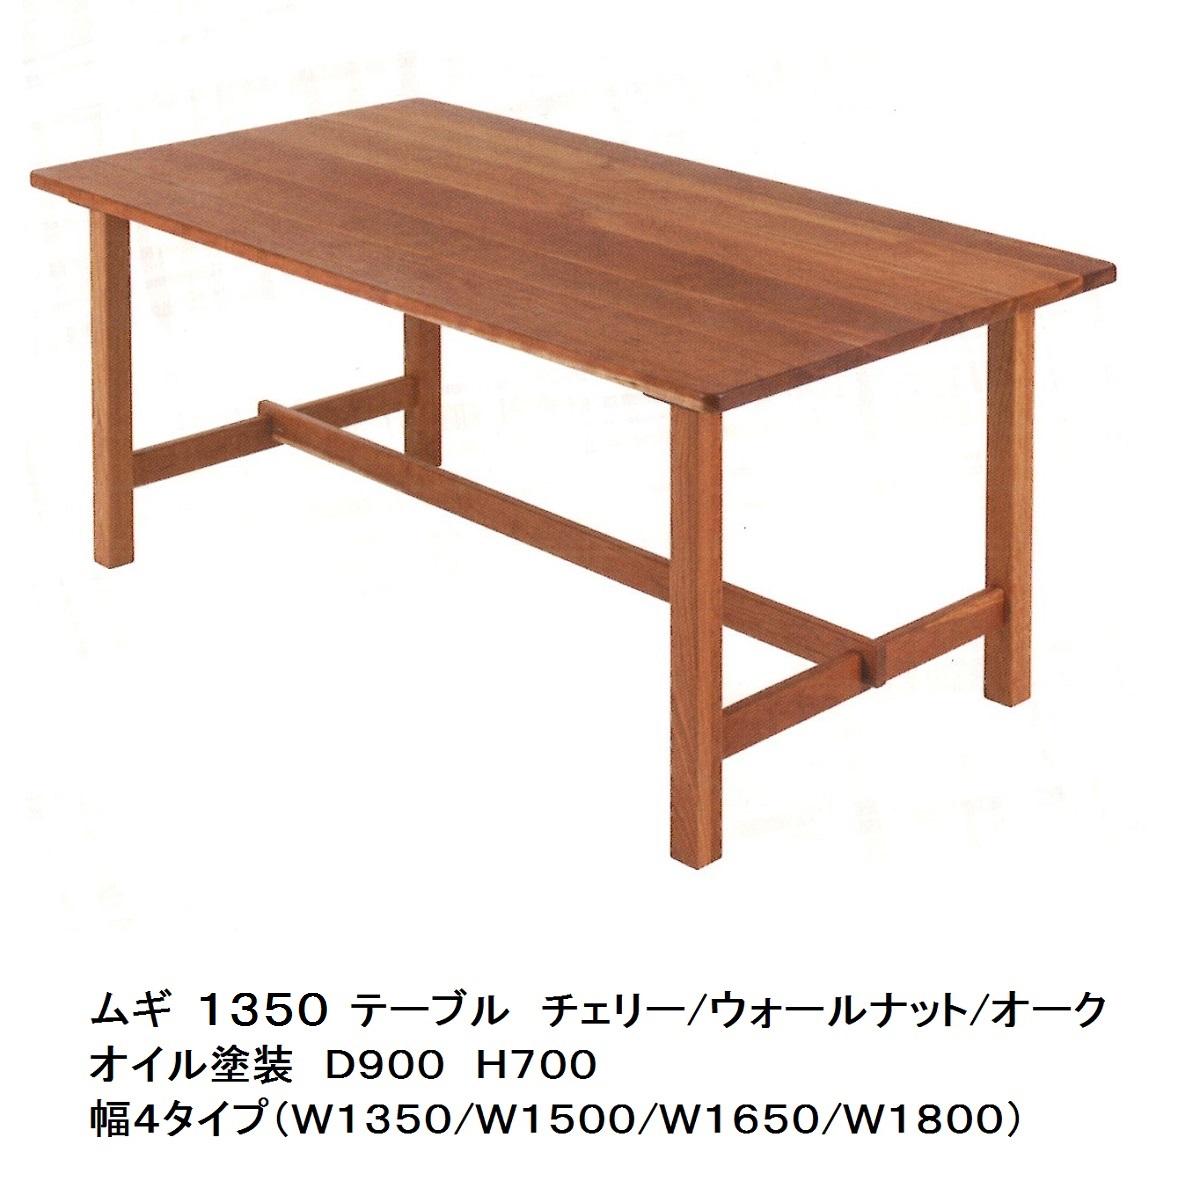 飛騨高山 木馬舎の家具ムギ 135 テーブル素材:3色対応(チェリー・ウォールナット・オーク)幅4タイプあり(135/150/165/180)オイル塗装受注生産になっております。開梱設置送料無料(沖縄・北海道・離島は除く)